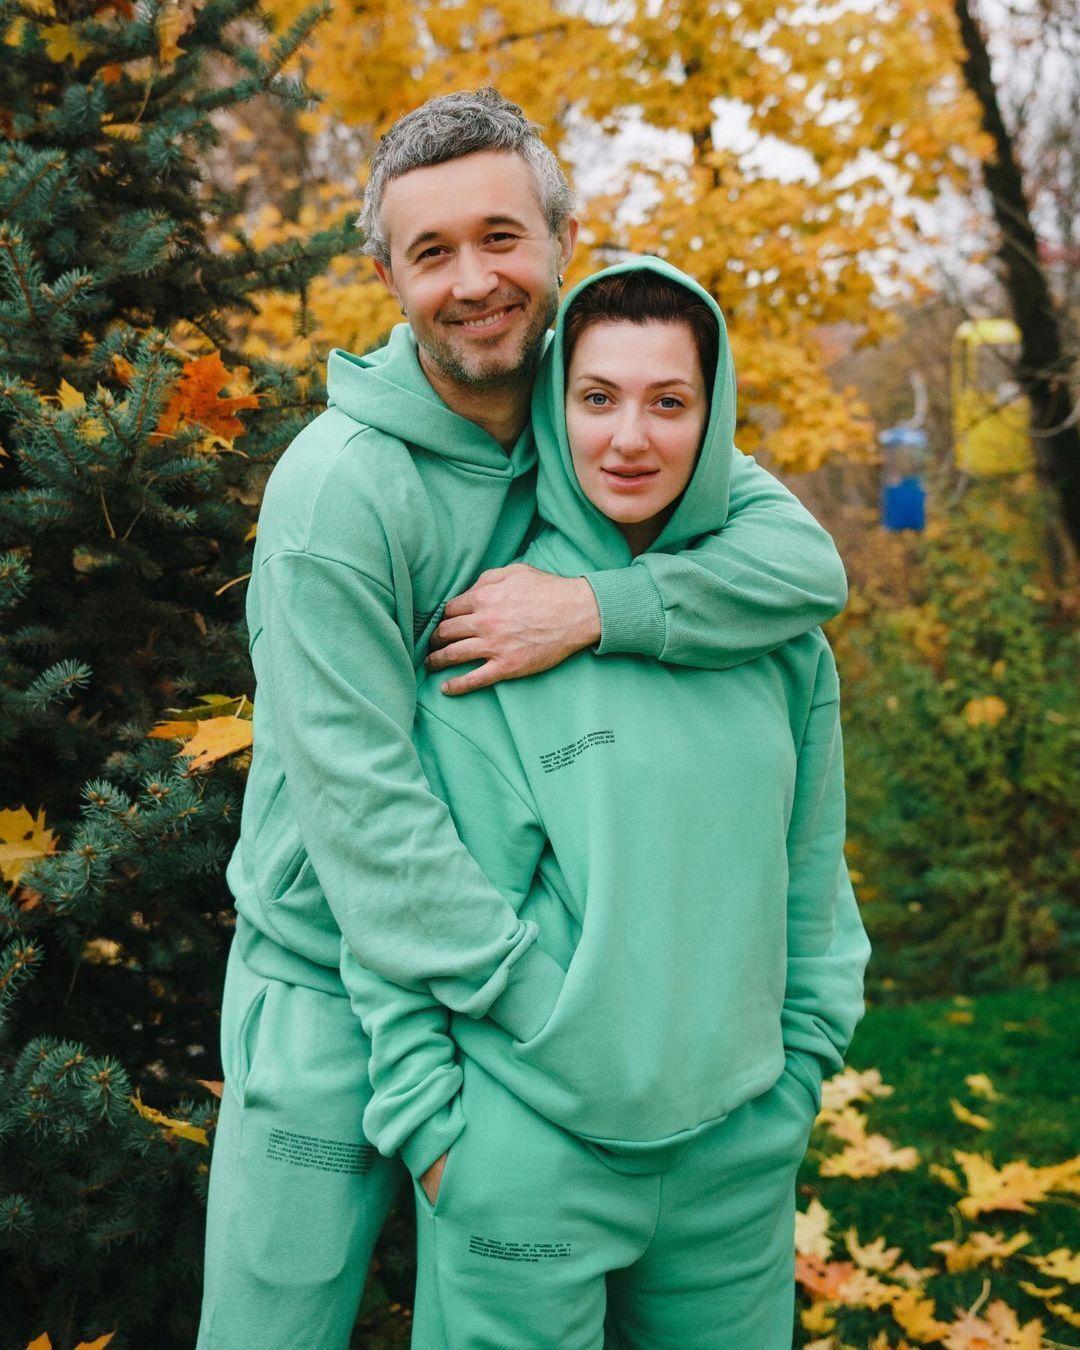 Сніжана і Сергій Бабкін виховують трьох дітей